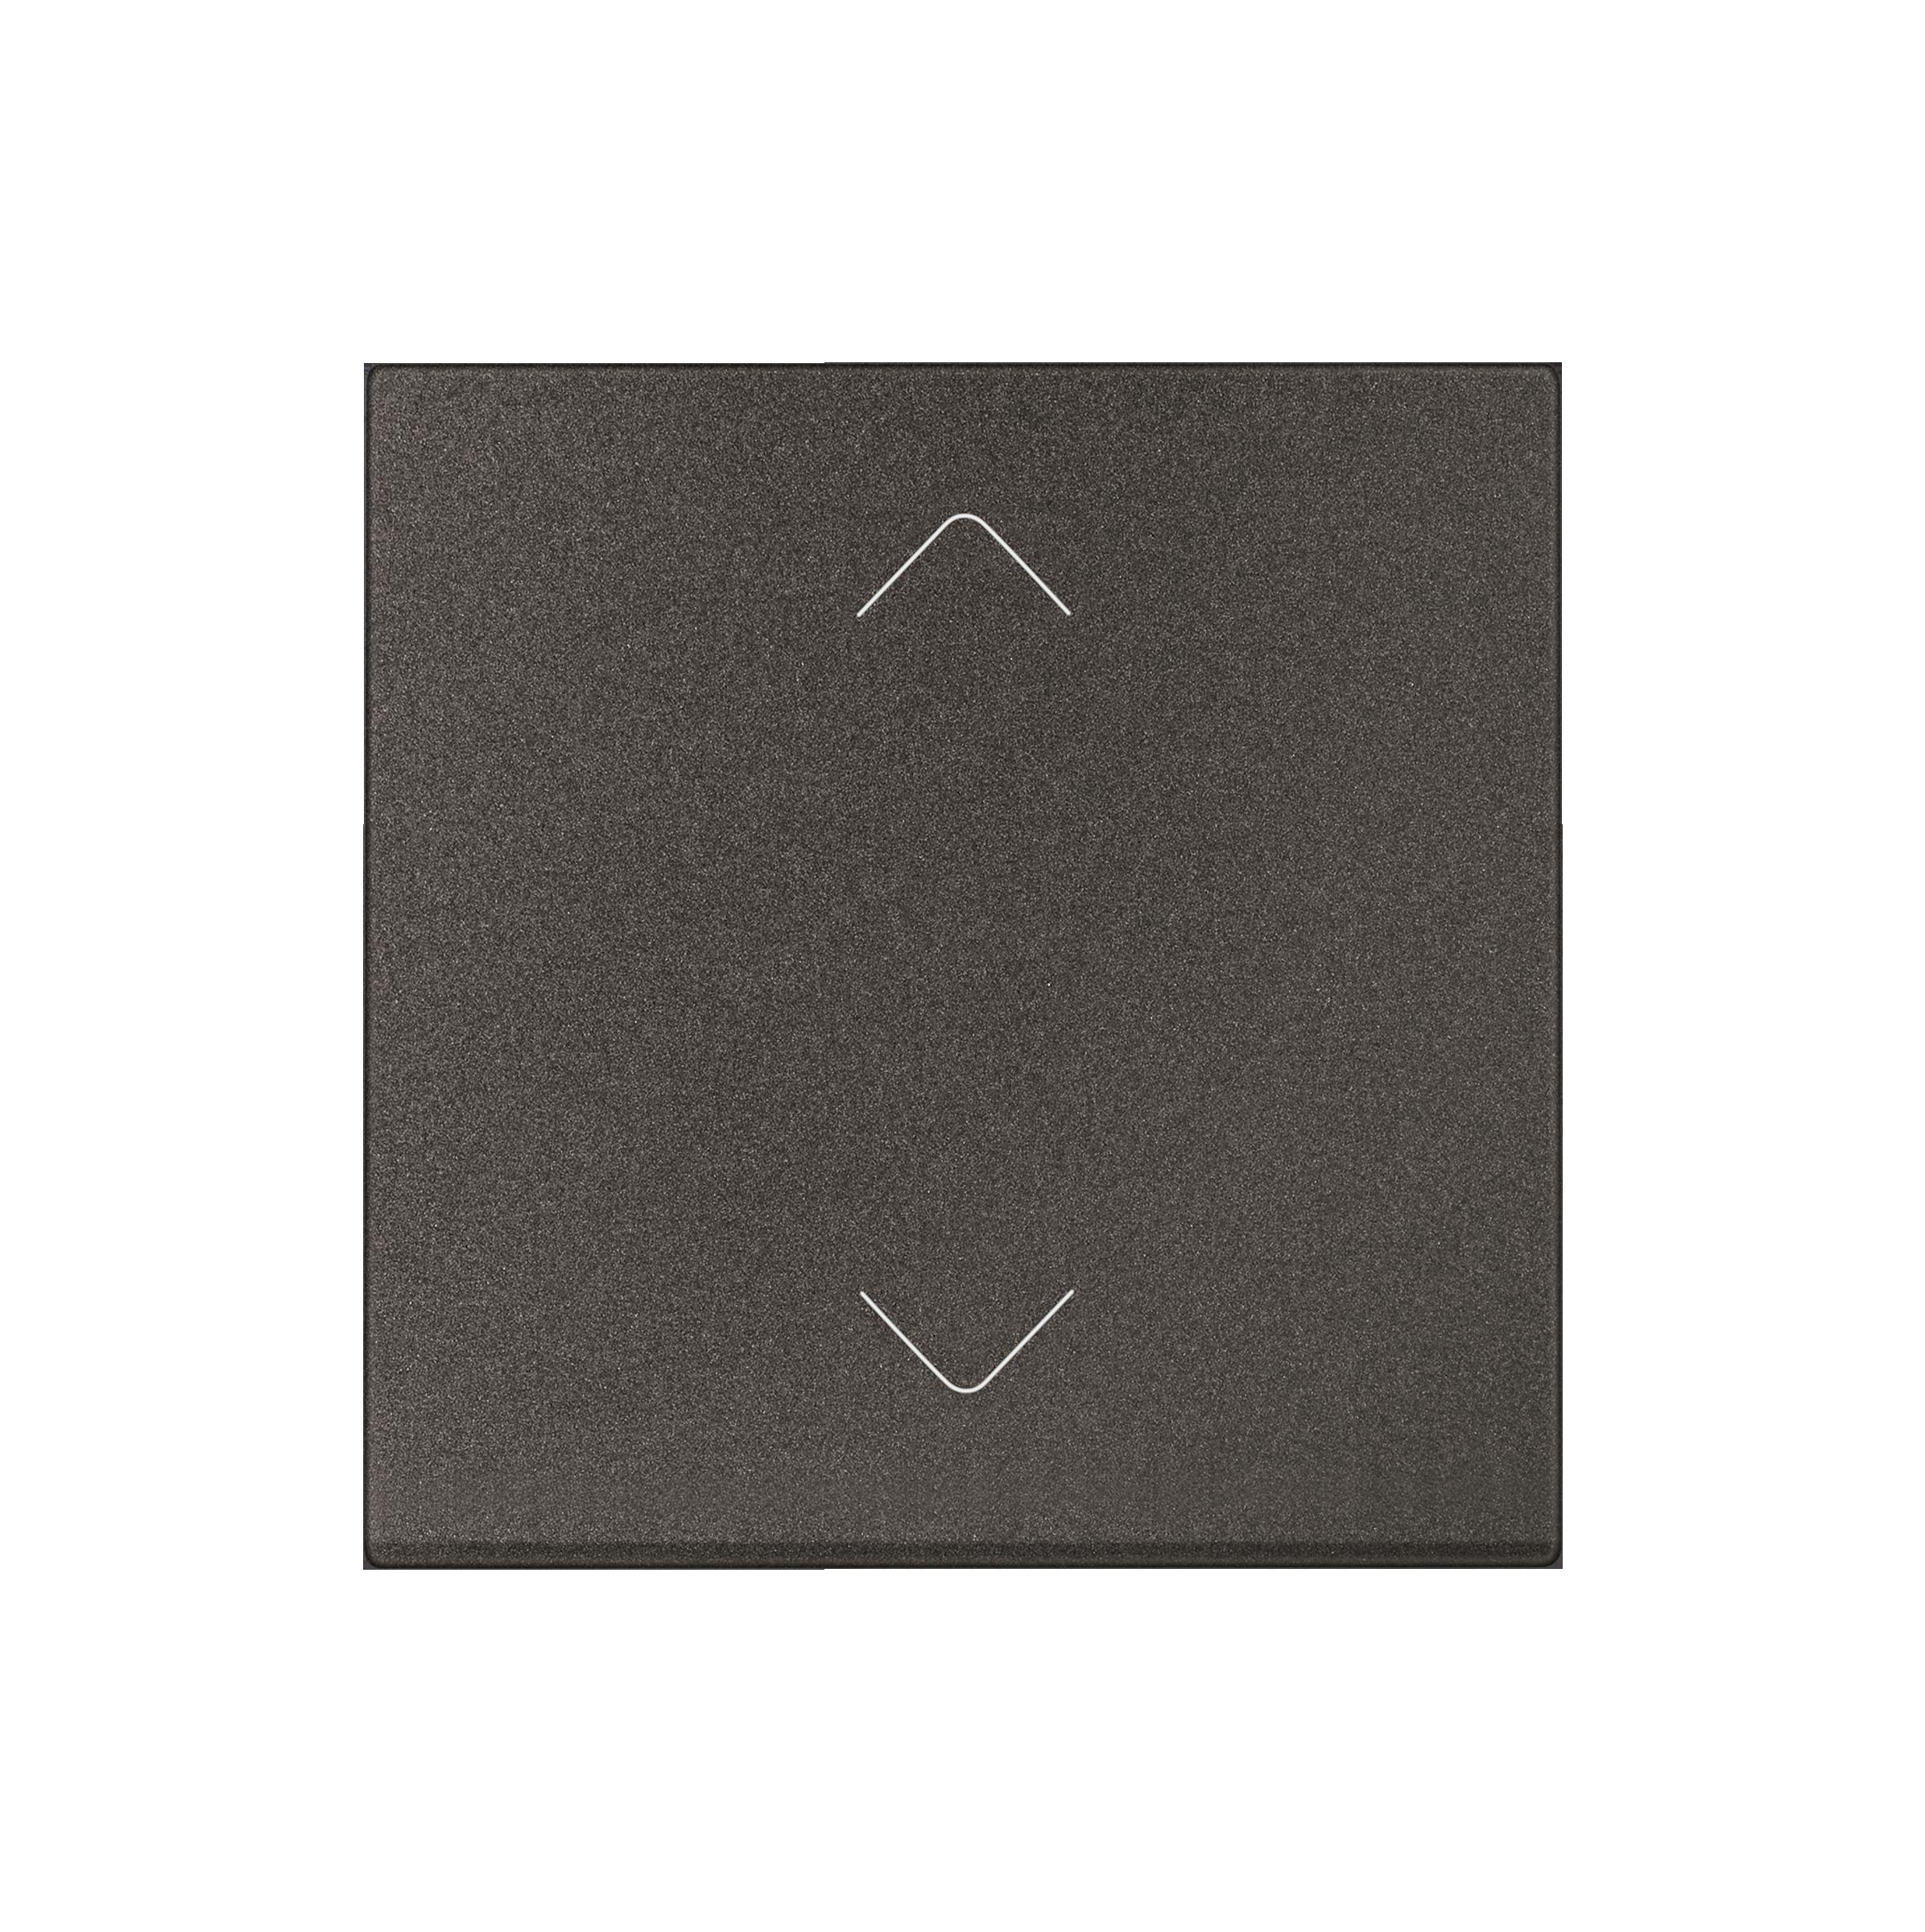 Myrius Nextgen 20A Switch 2 Way 2M Charcoal Grey